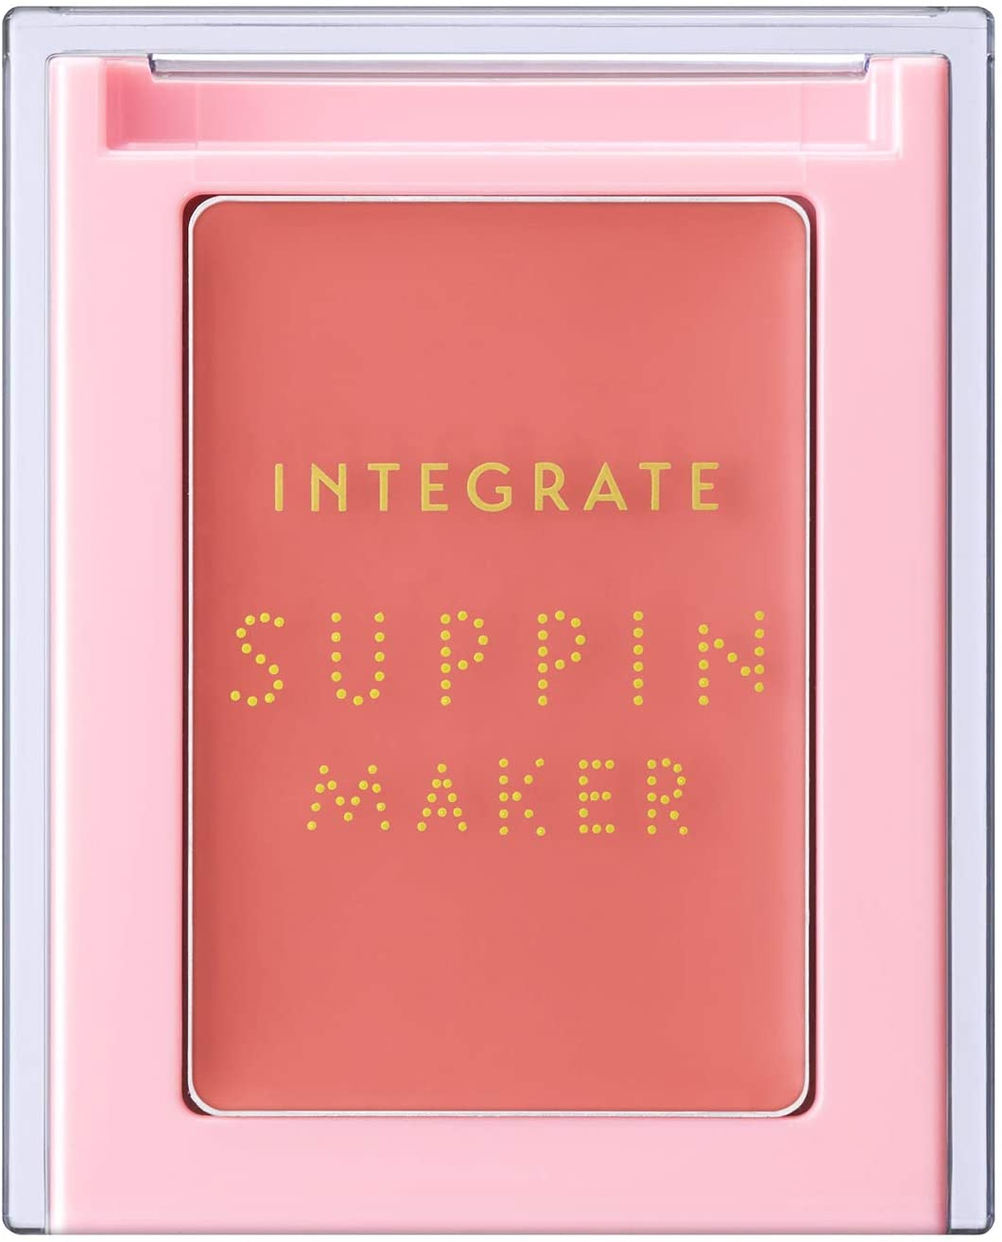 INTEGRATE(インテグレート) すっぴんメイカー チーク&リップの商品画像